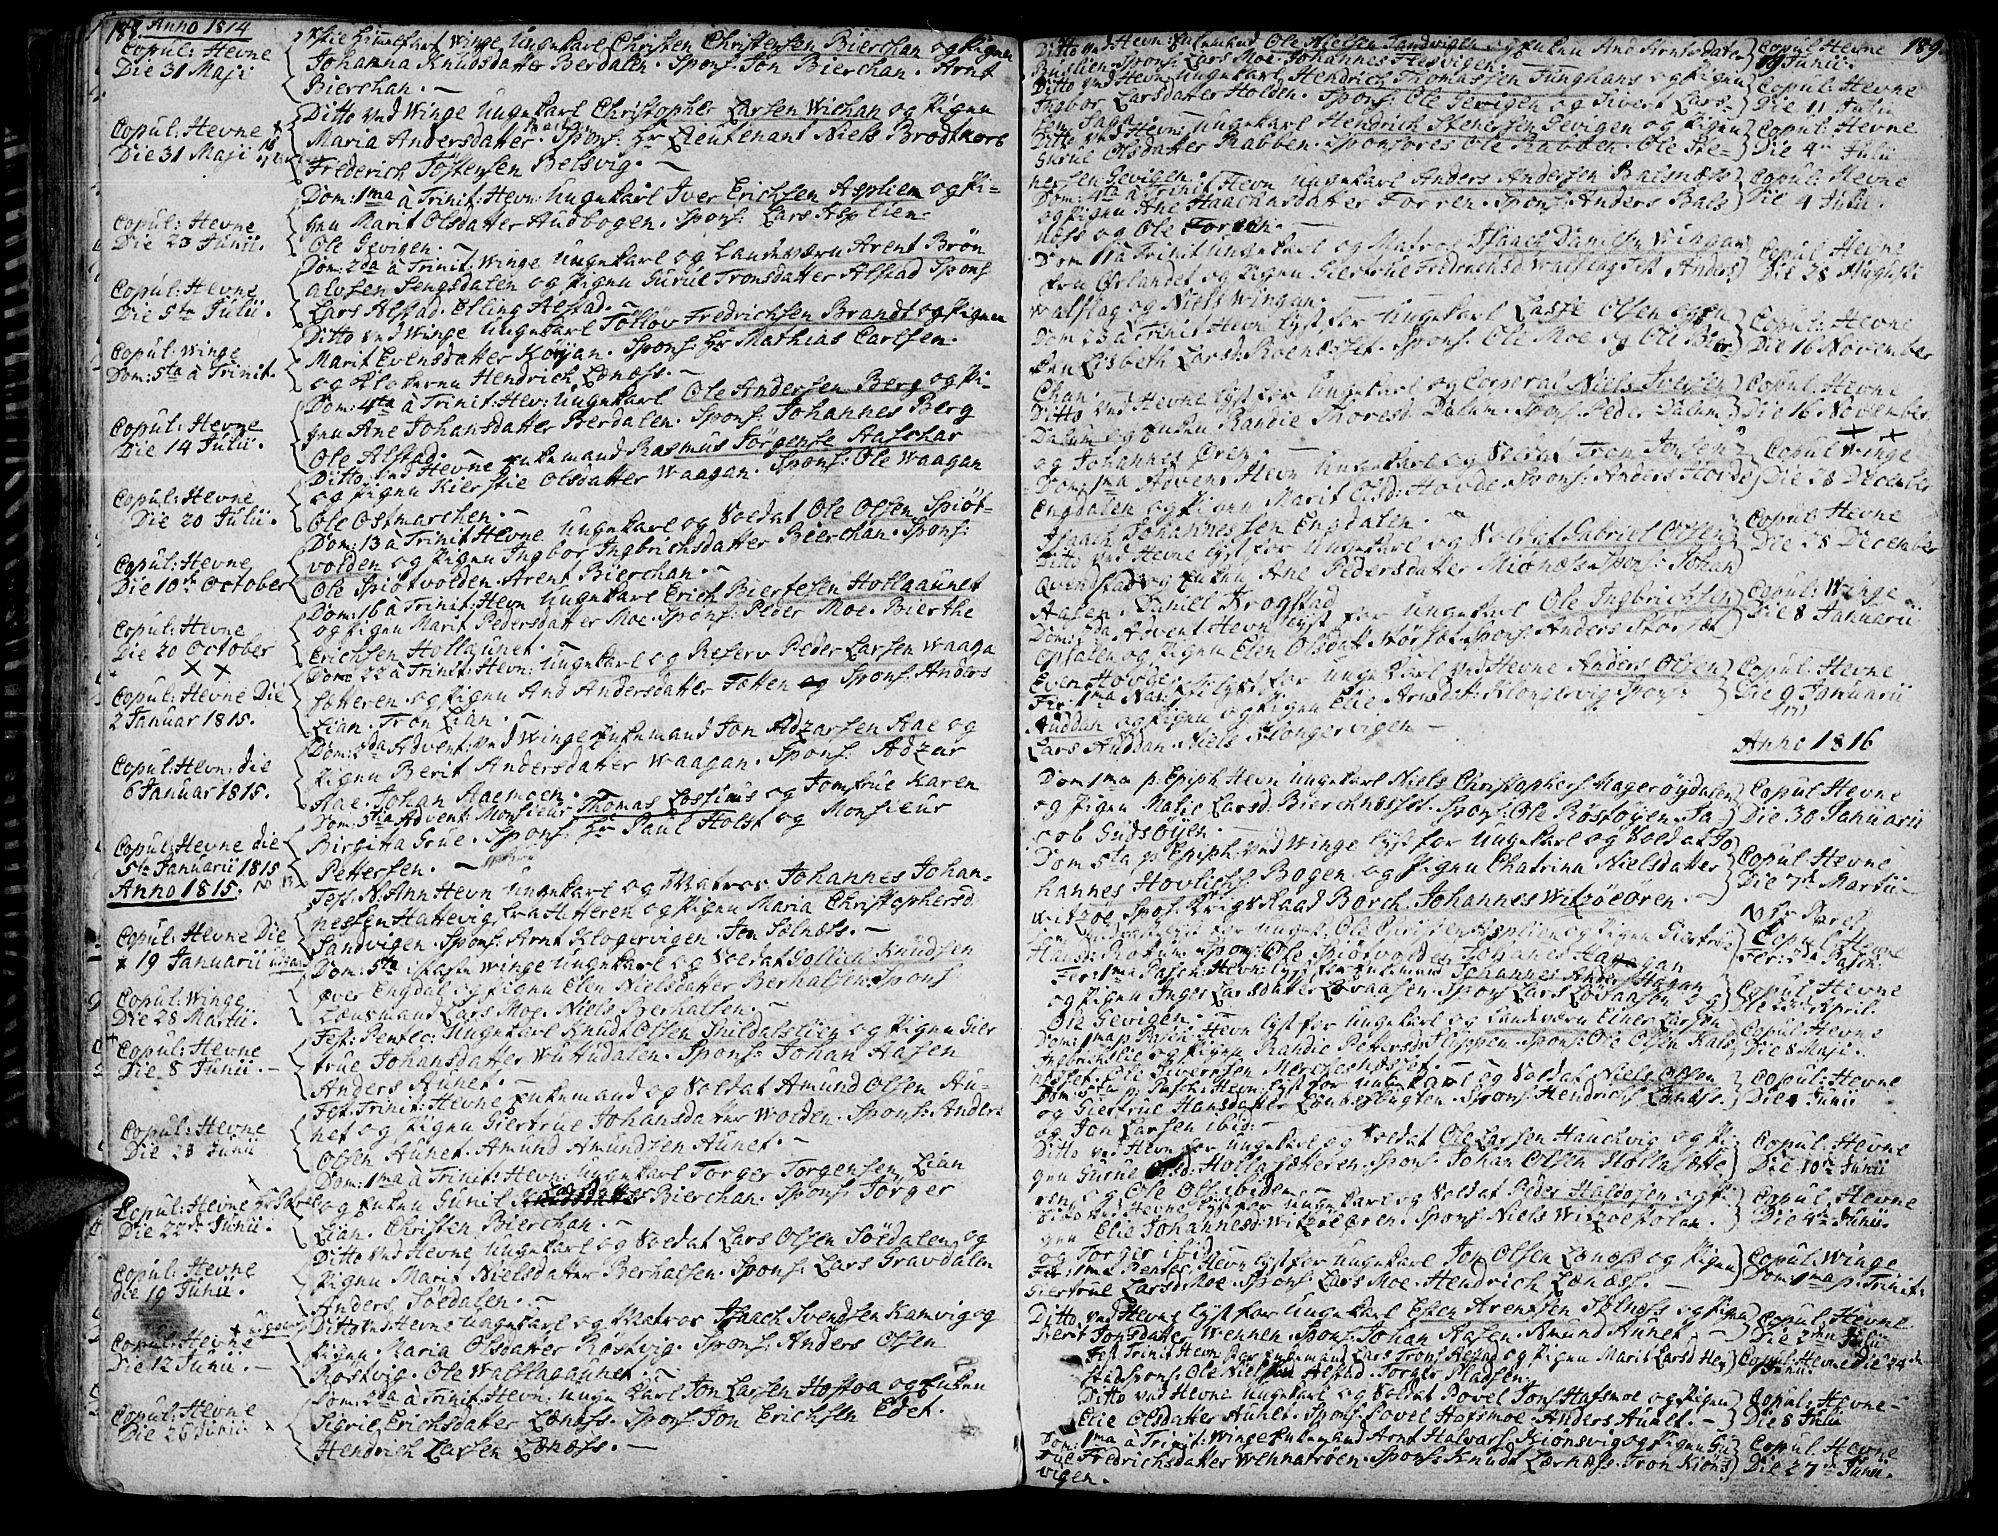 SAT, Ministerialprotokoller, klokkerbøker og fødselsregistre - Sør-Trøndelag, 630/L0490: Ministerialbok nr. 630A03, 1795-1818, s. 188-189